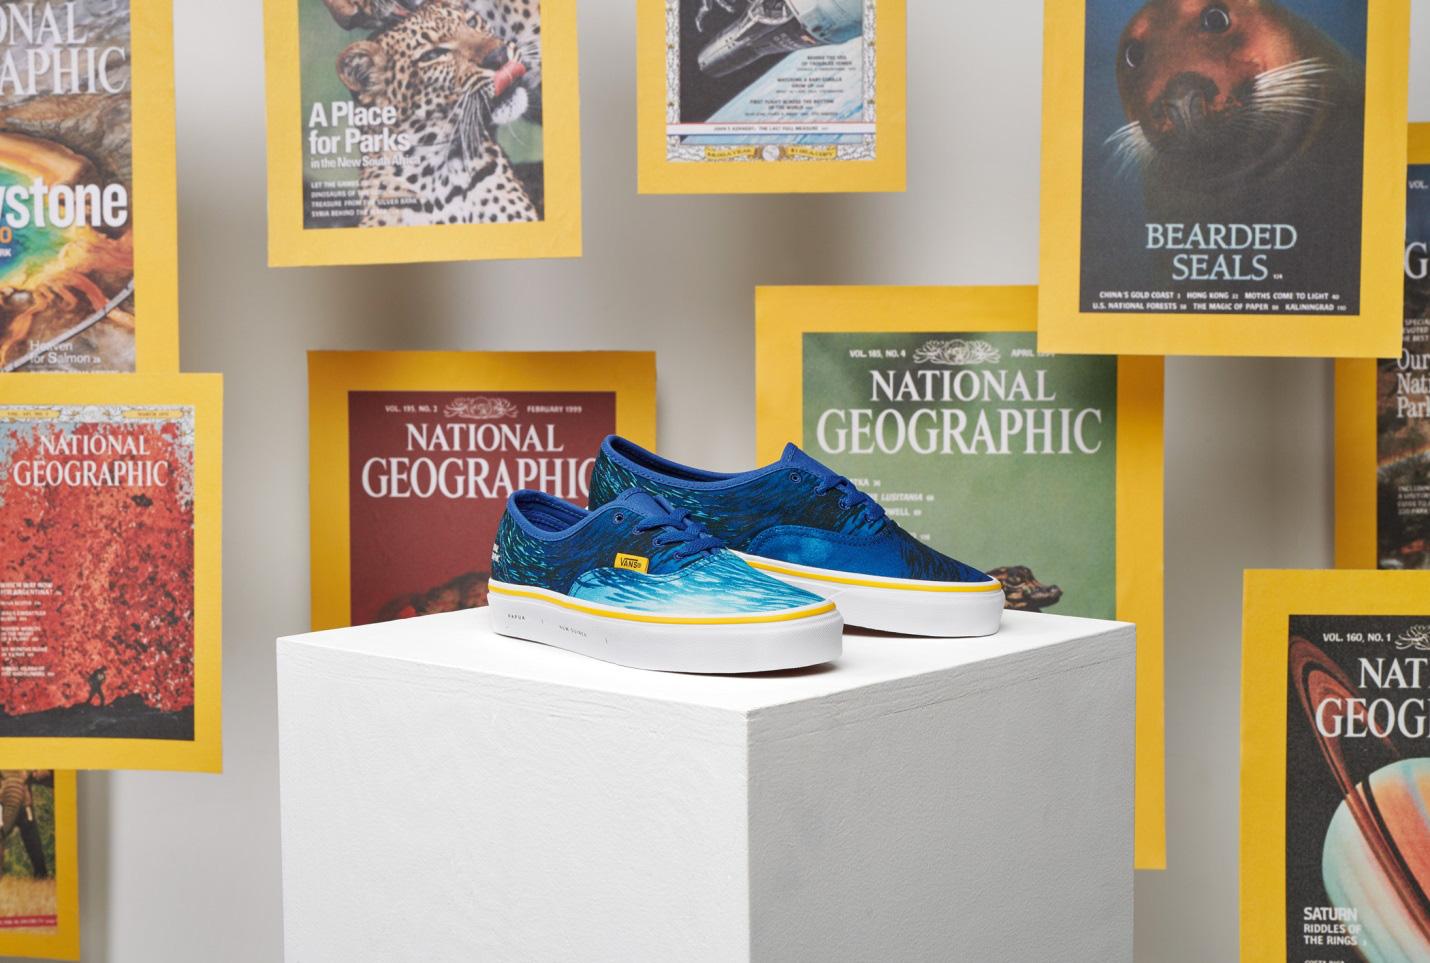 Vans lại gây sốt với siêu phẩm mới, vinh danh 132 năm cống hiến của National Geographic - Ảnh 6.